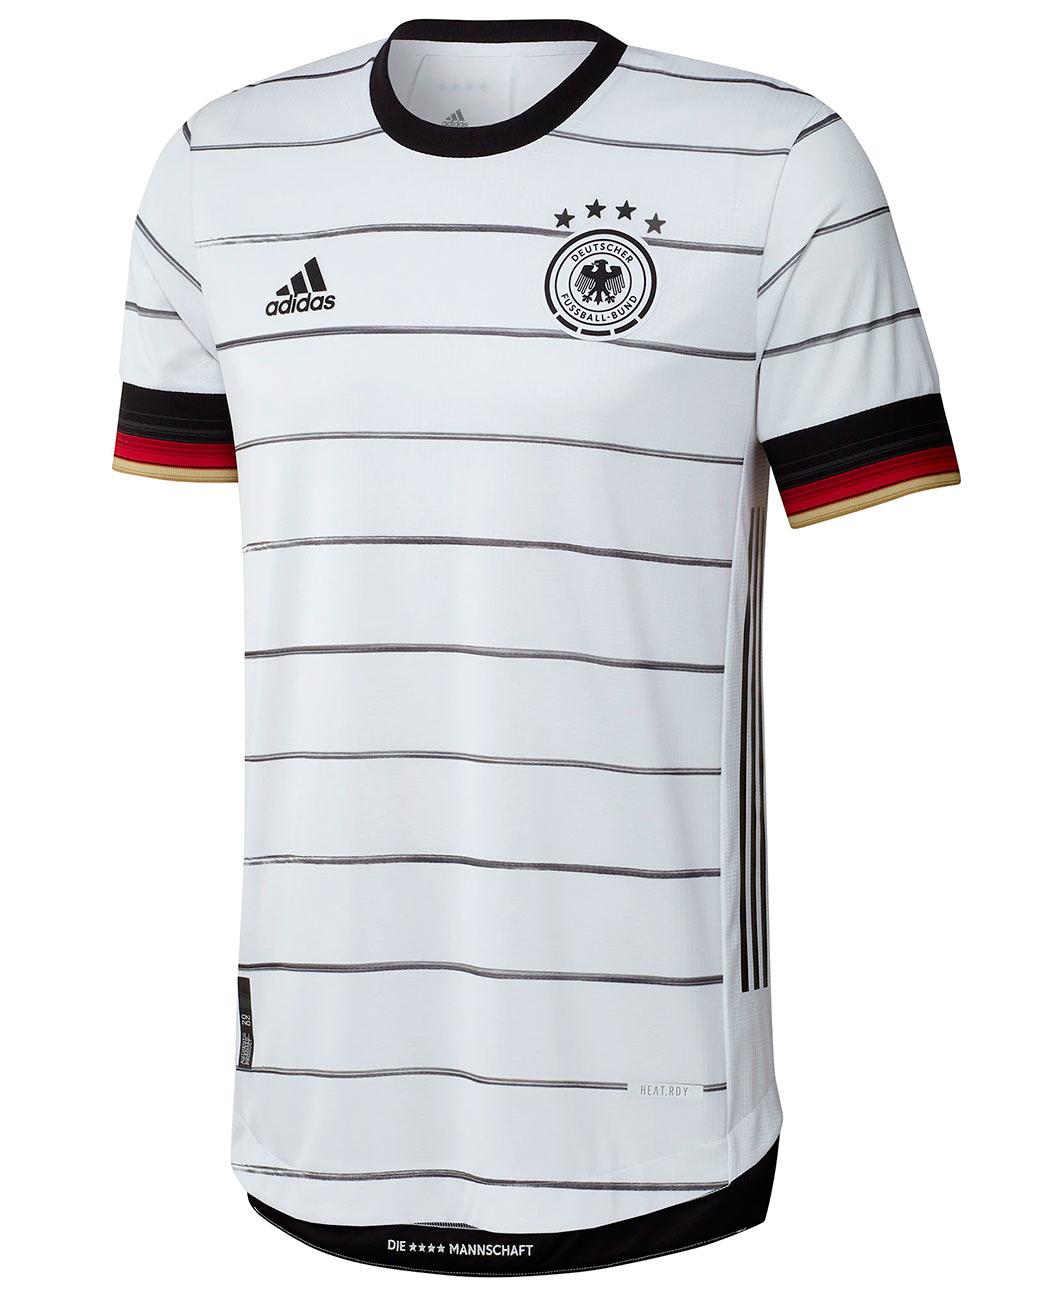 Maglia Germania Europei 2020 adidas, torna il tricolore tedesco